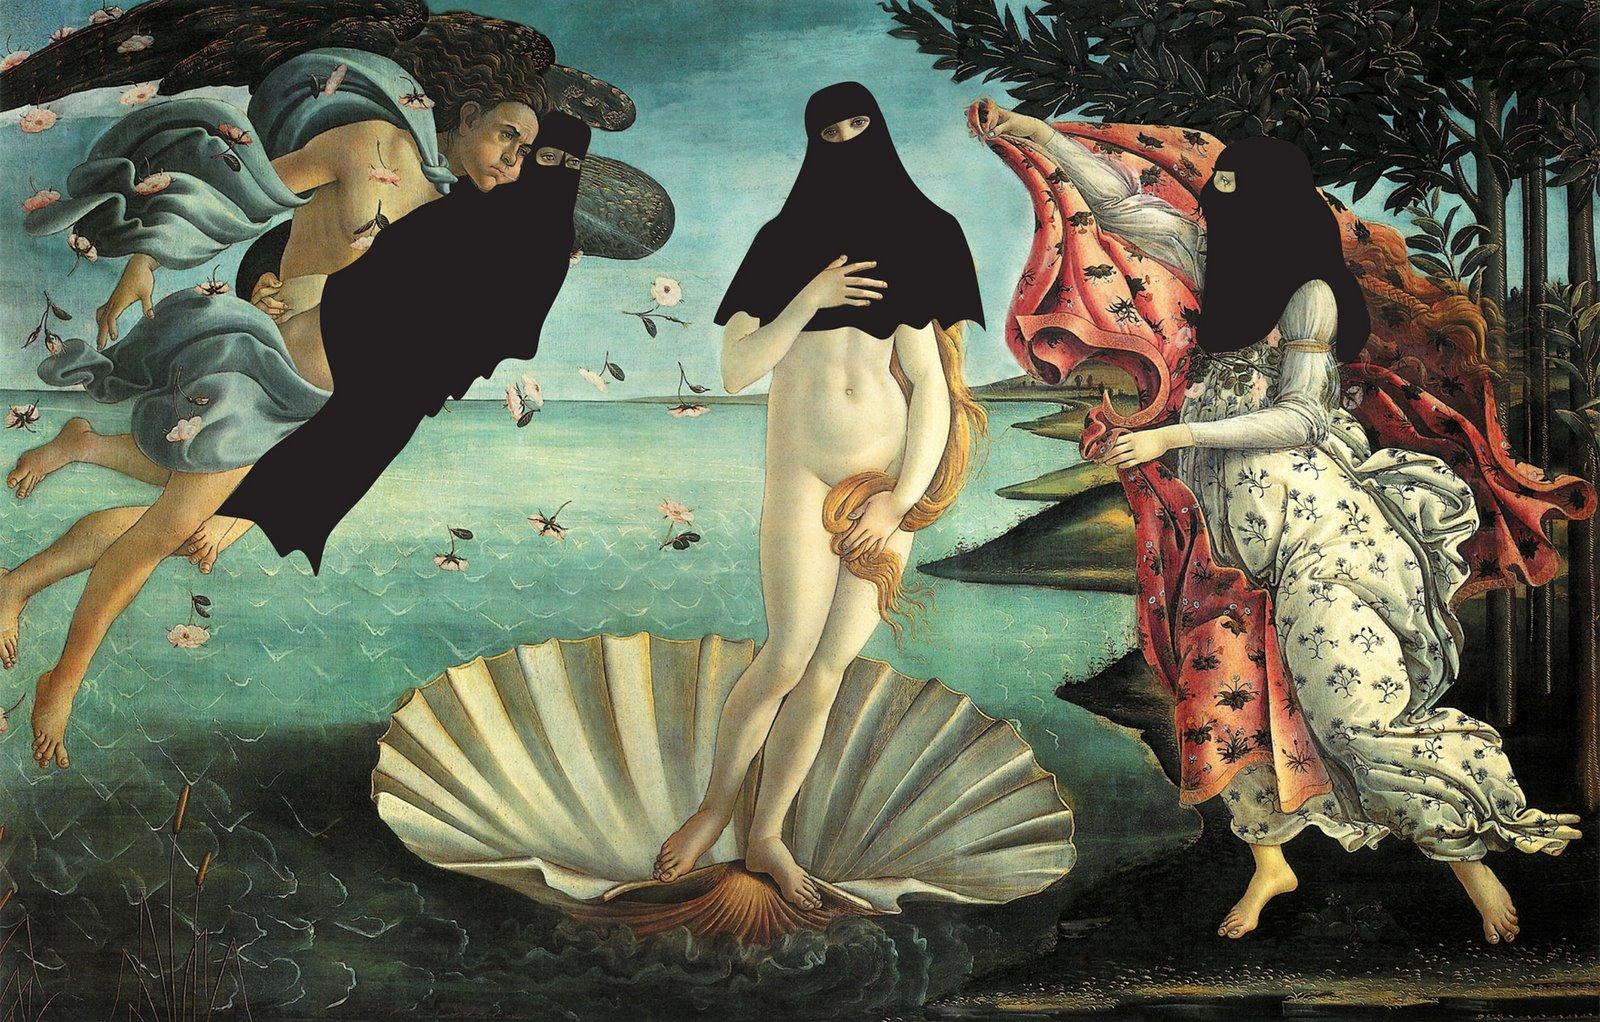 http://3.bp.blogspot.com/_e7tnNJ0JX10/Si1Uos71_hI/AAAAAAAAAVw/wFIQ87APQL4/s1600/La_nascita_di_Venere_(Botticelli)%2B11.jpg